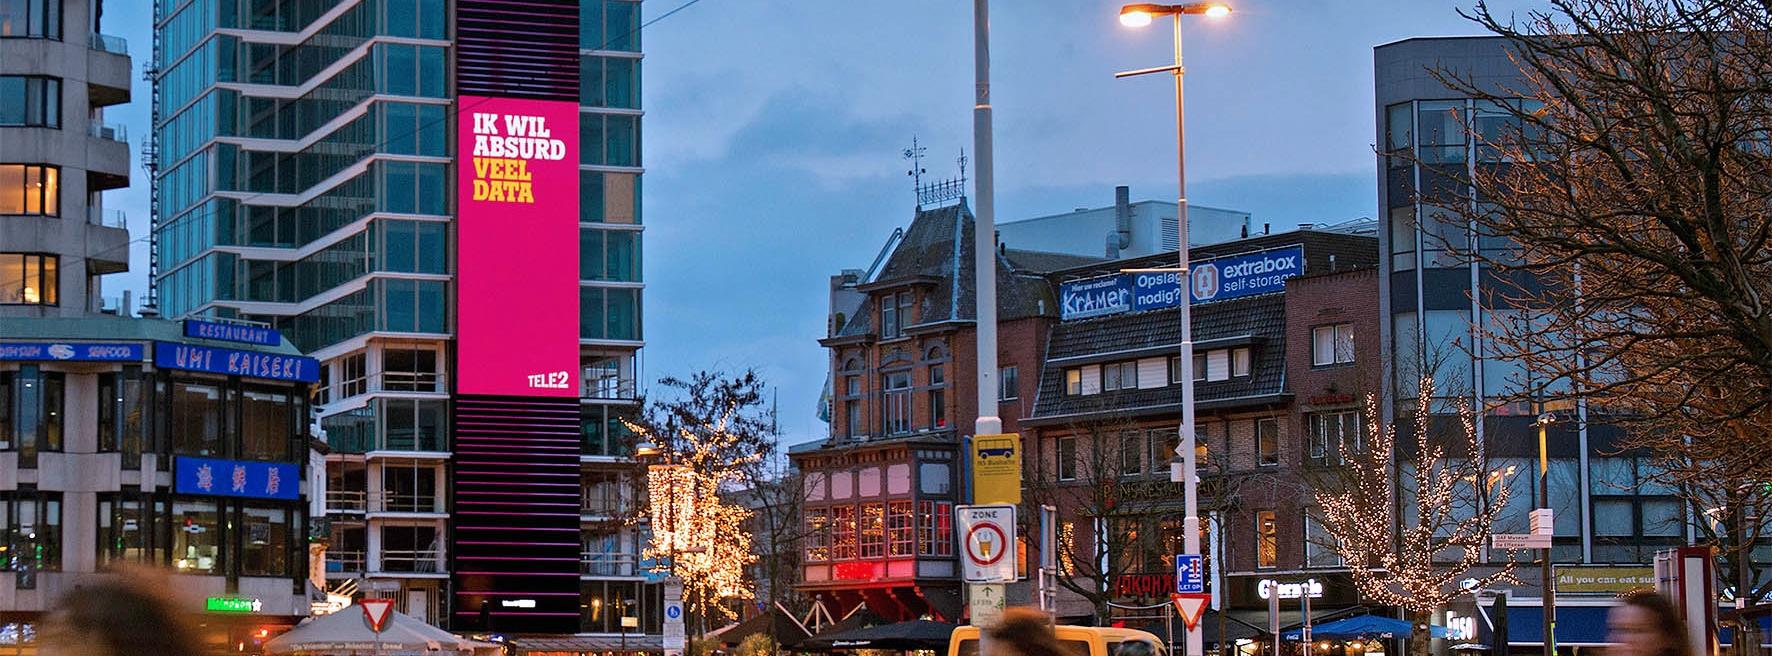 Nieuwe blikvanger in Eindhoven